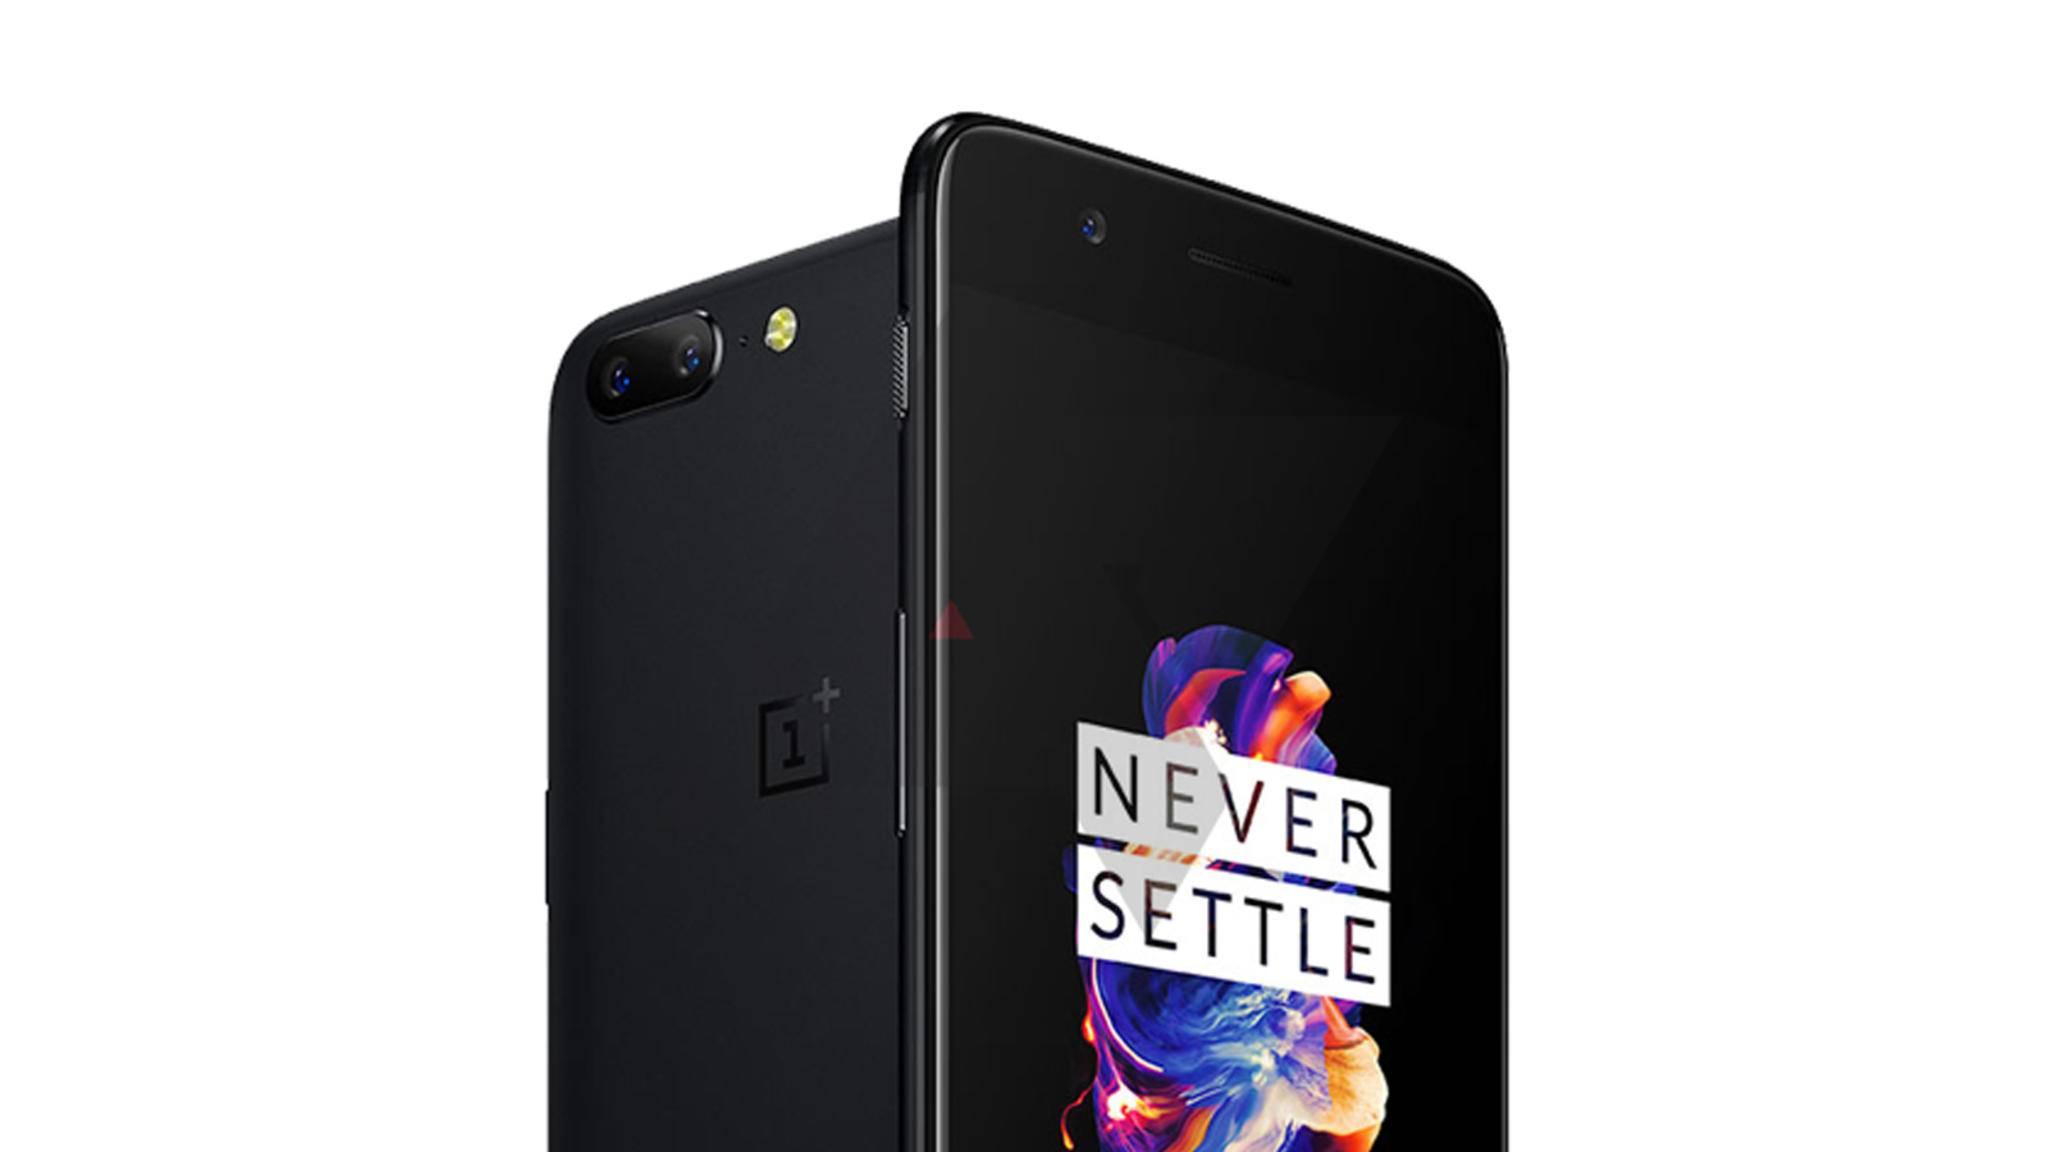 Das OnePlus 5 könnte das teuerste Smartphone der Serie werden.